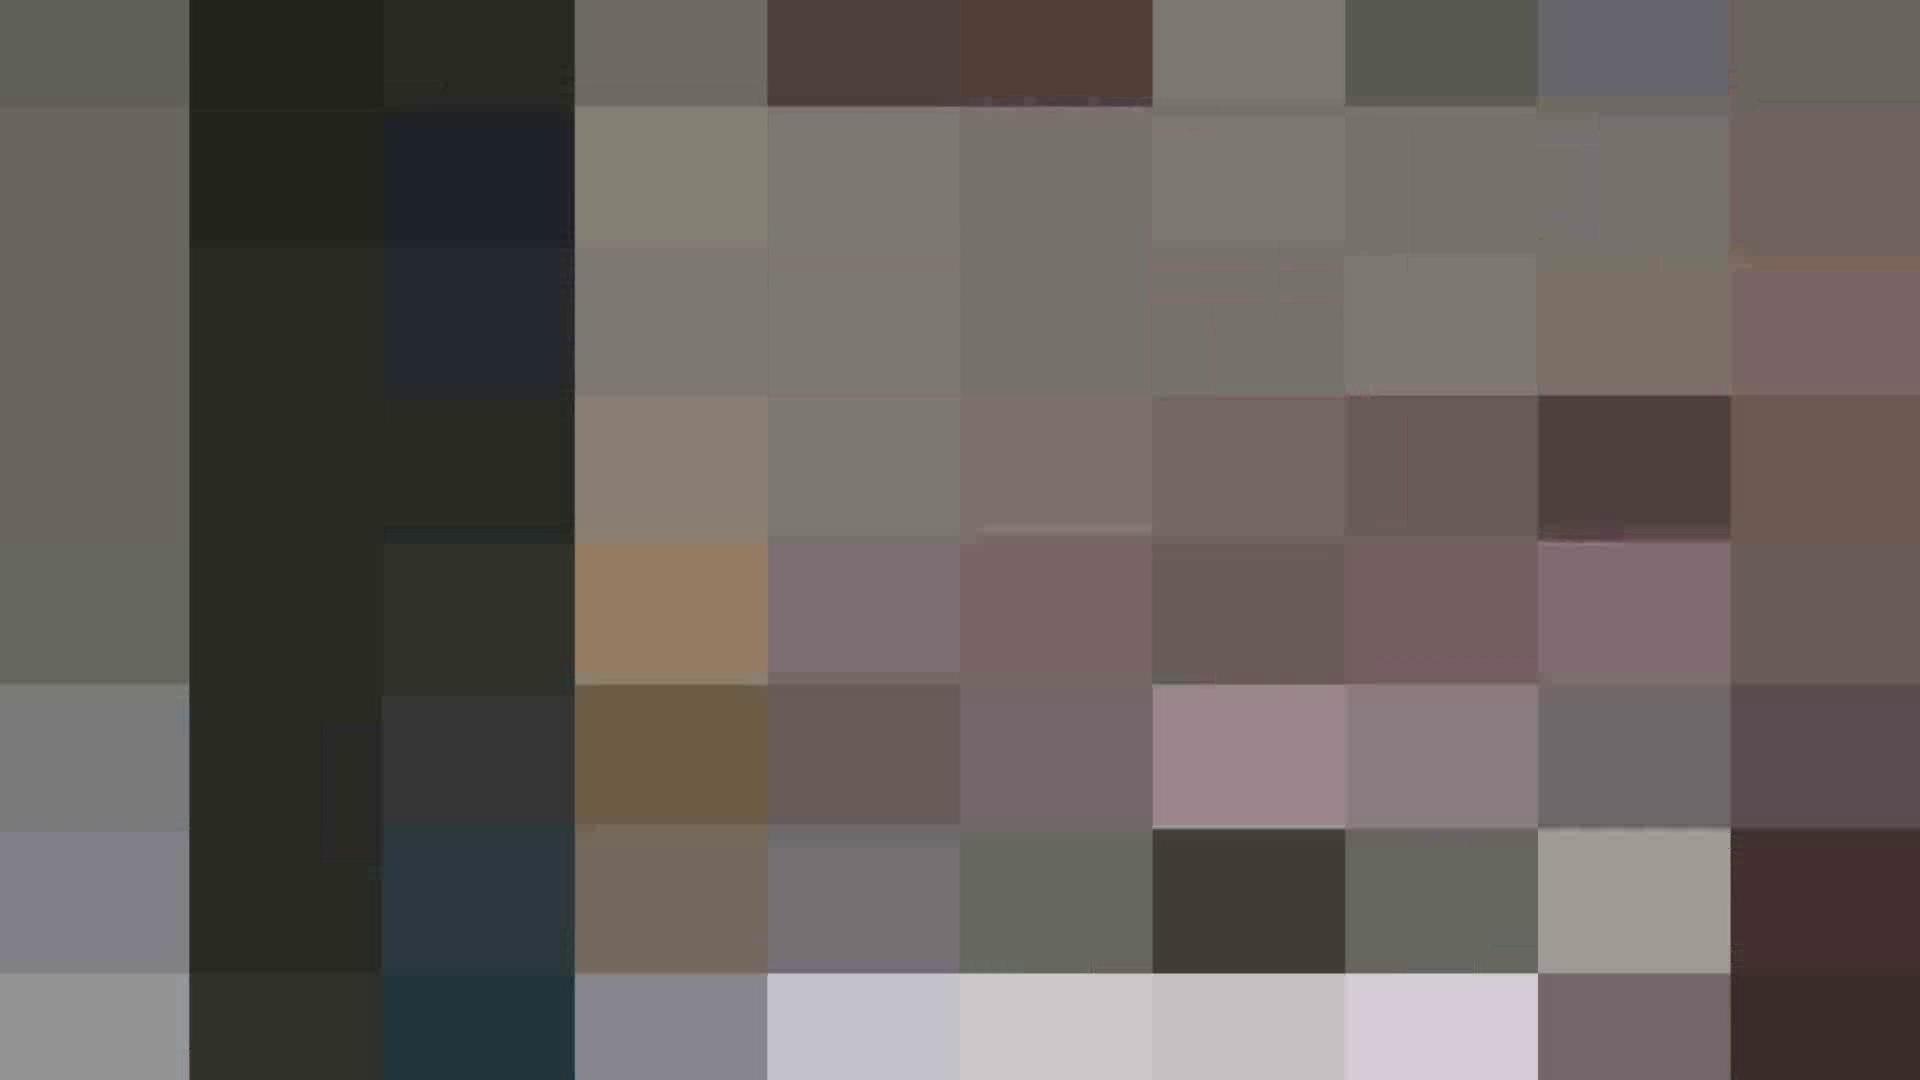 真剣に買い物中のgal達を上から下から狙います。vol.01 すけべなOL | JK  89画像 19